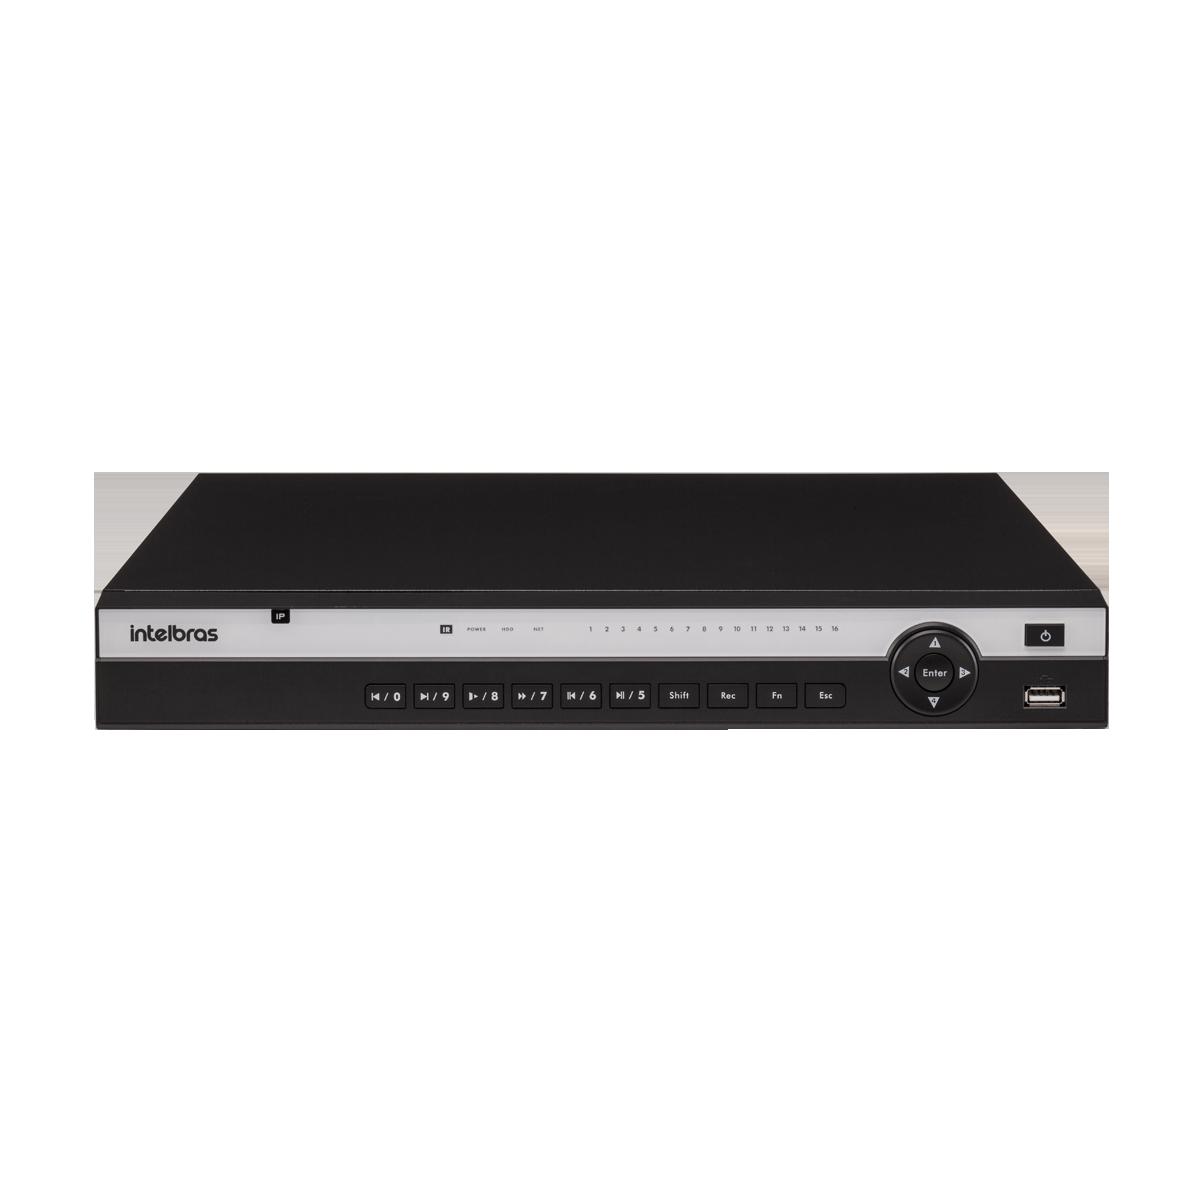 NVD 3116 P C/ HD 3TB - GRAV. DIG. DE VÍDEO EM REDE PARA ATÉ 16 CANAIS IP EM FULL HD @ 30 FPS, COM 16 PORTAS POE, INTELIGÊNCIA DE VÍDEO EM TODOS OS CANAIS, H.265, SUPORTE PARA 2HDS E SUPORTA CÂMERAS CO  - Sandercomp Virtual